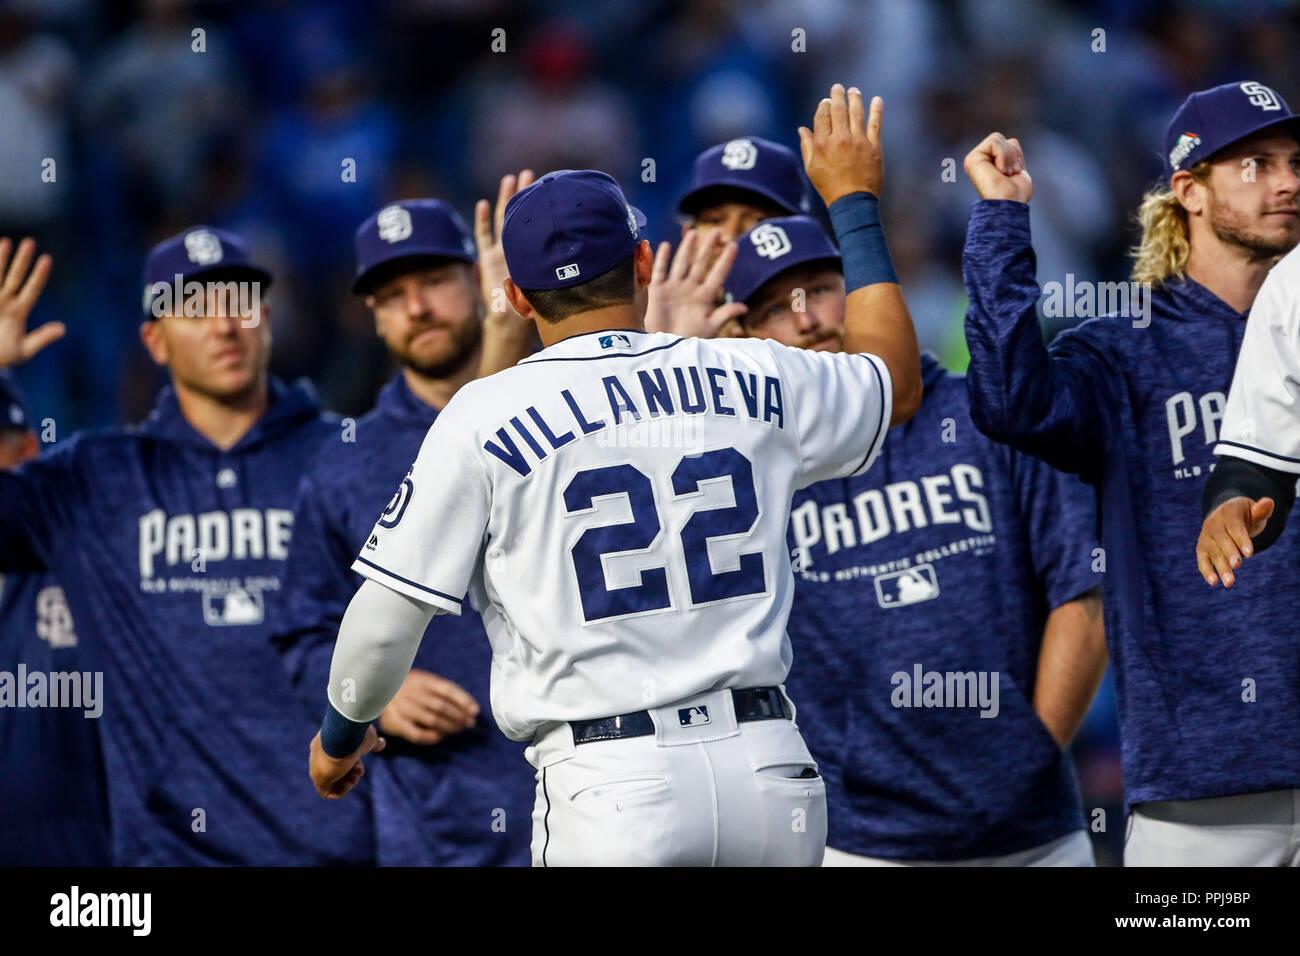 Acciones del partido de beisbol de los Dodgers de Los Angeles contra Padres de San Diego, durante el primer juego de la serie las Ligas Mayores del Be - Stock Image